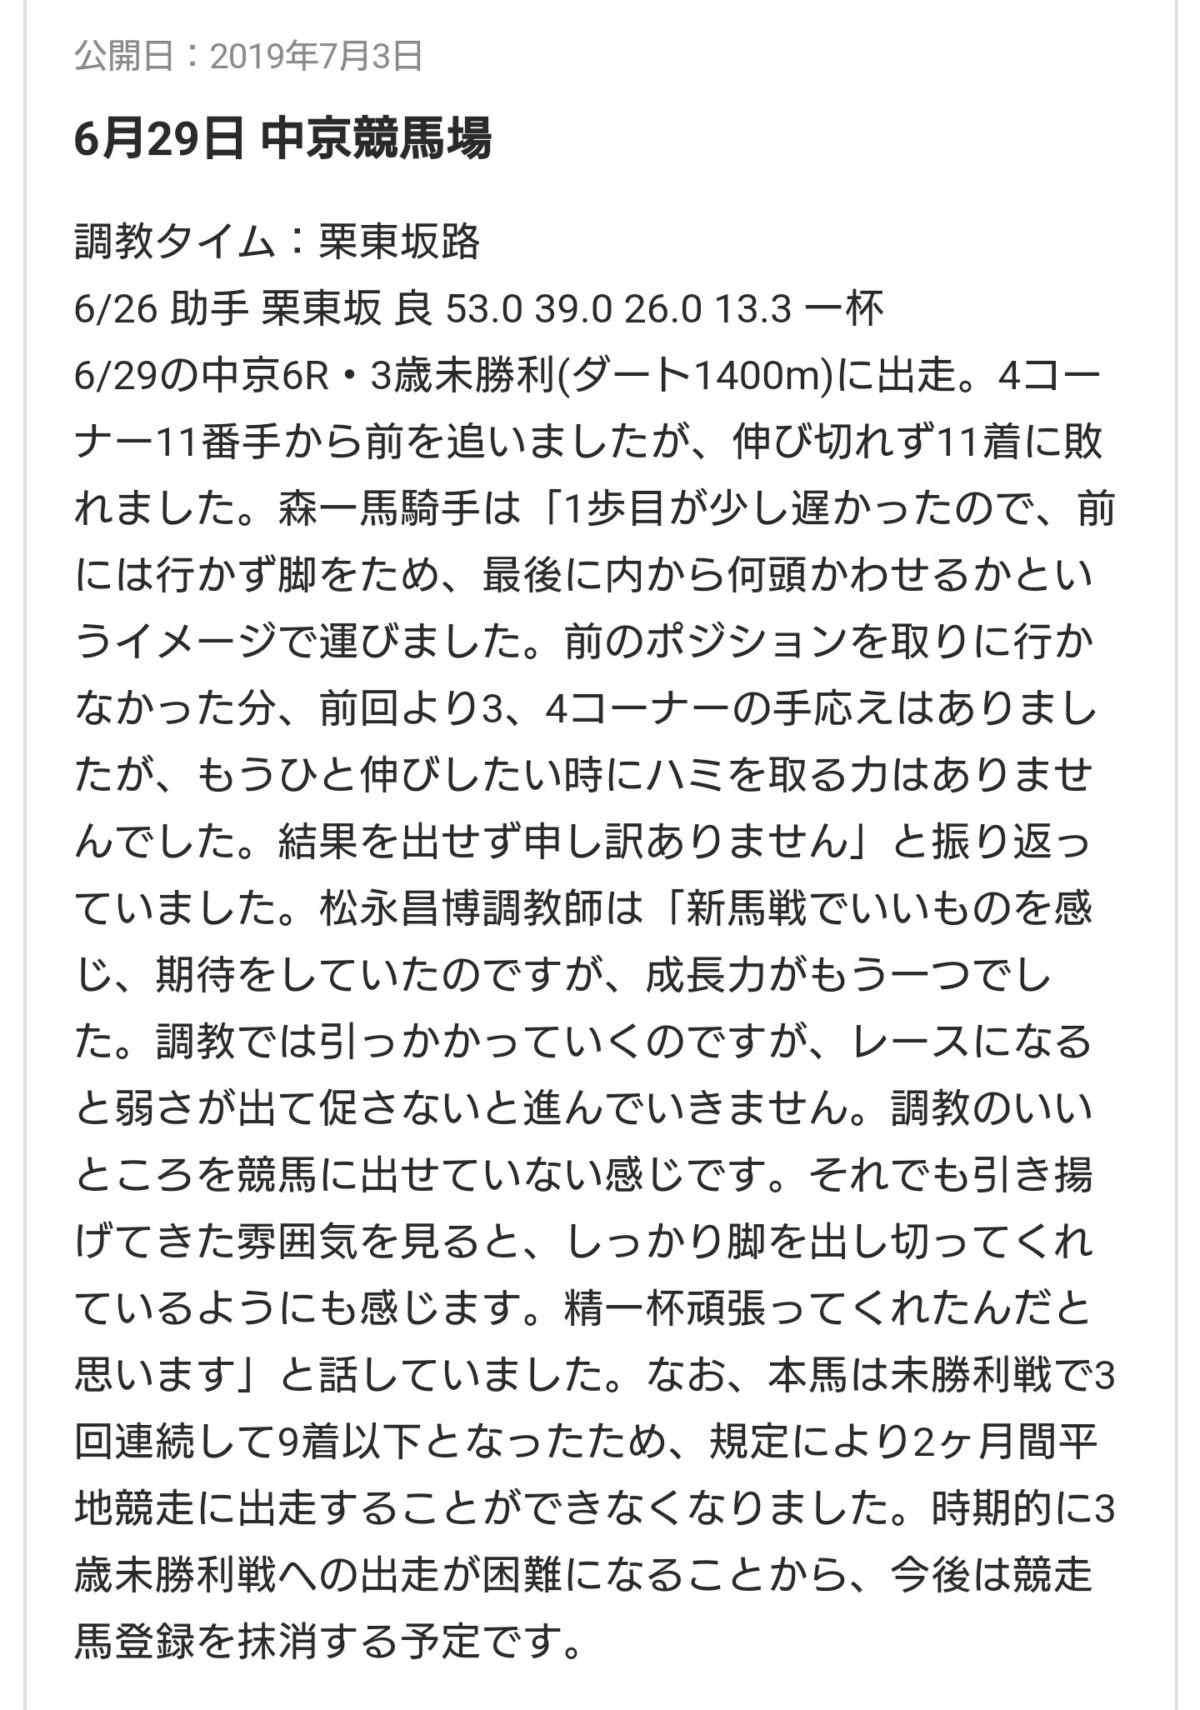 松永調教師コメント